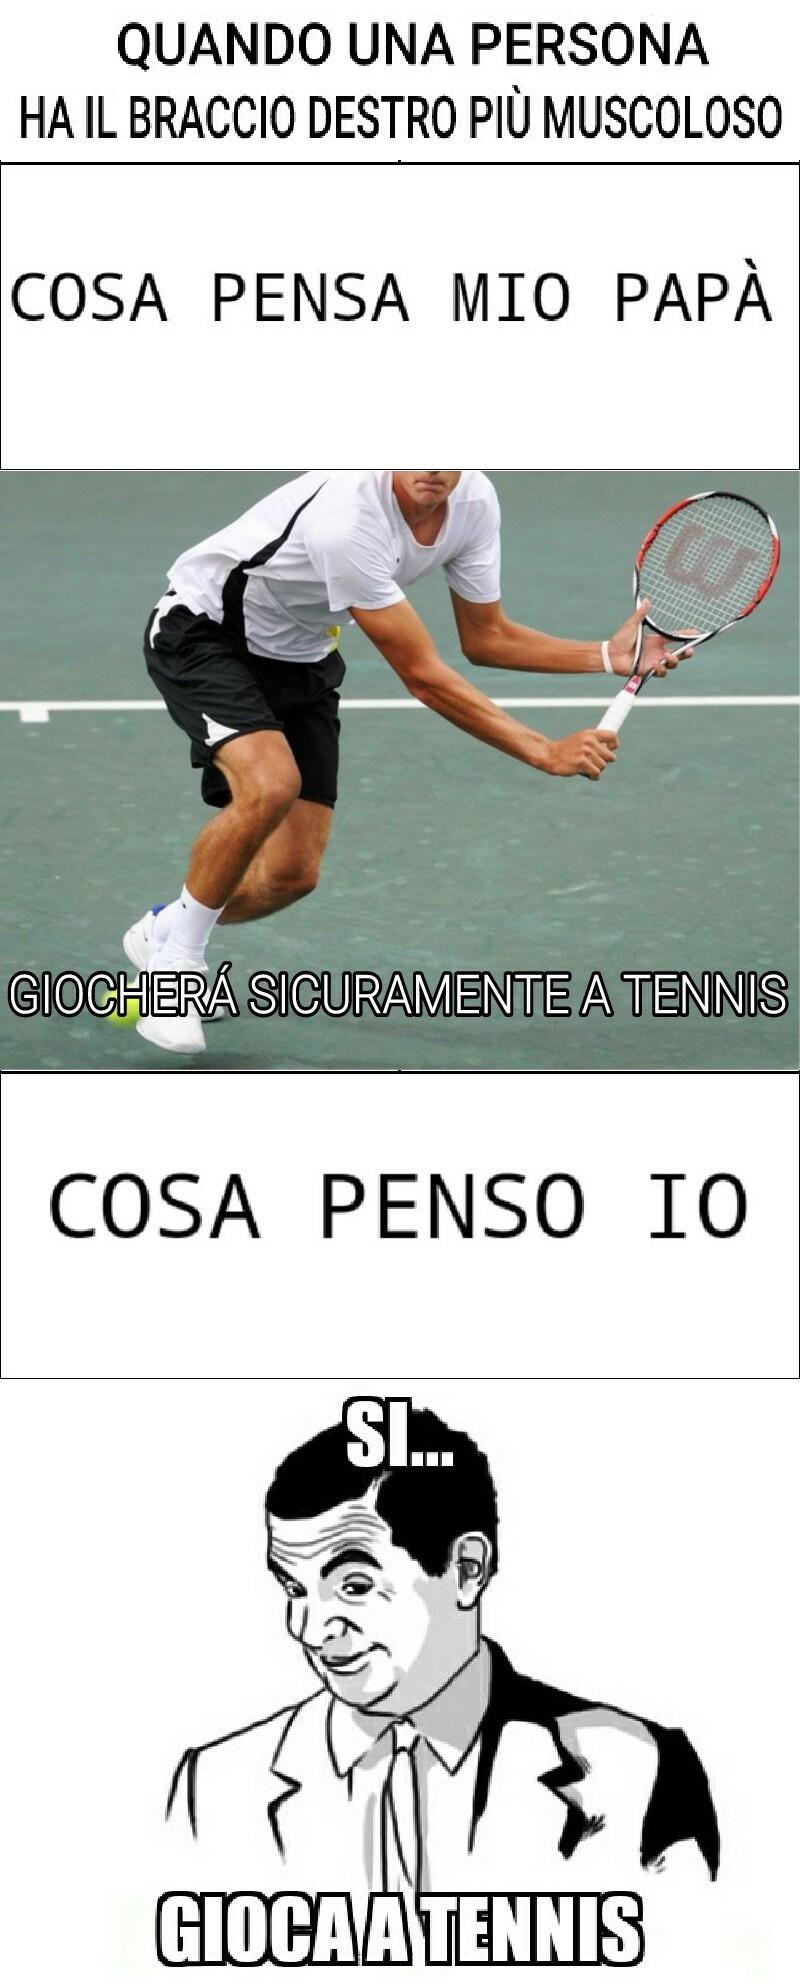 Eh sti giocatori di tennis - meme